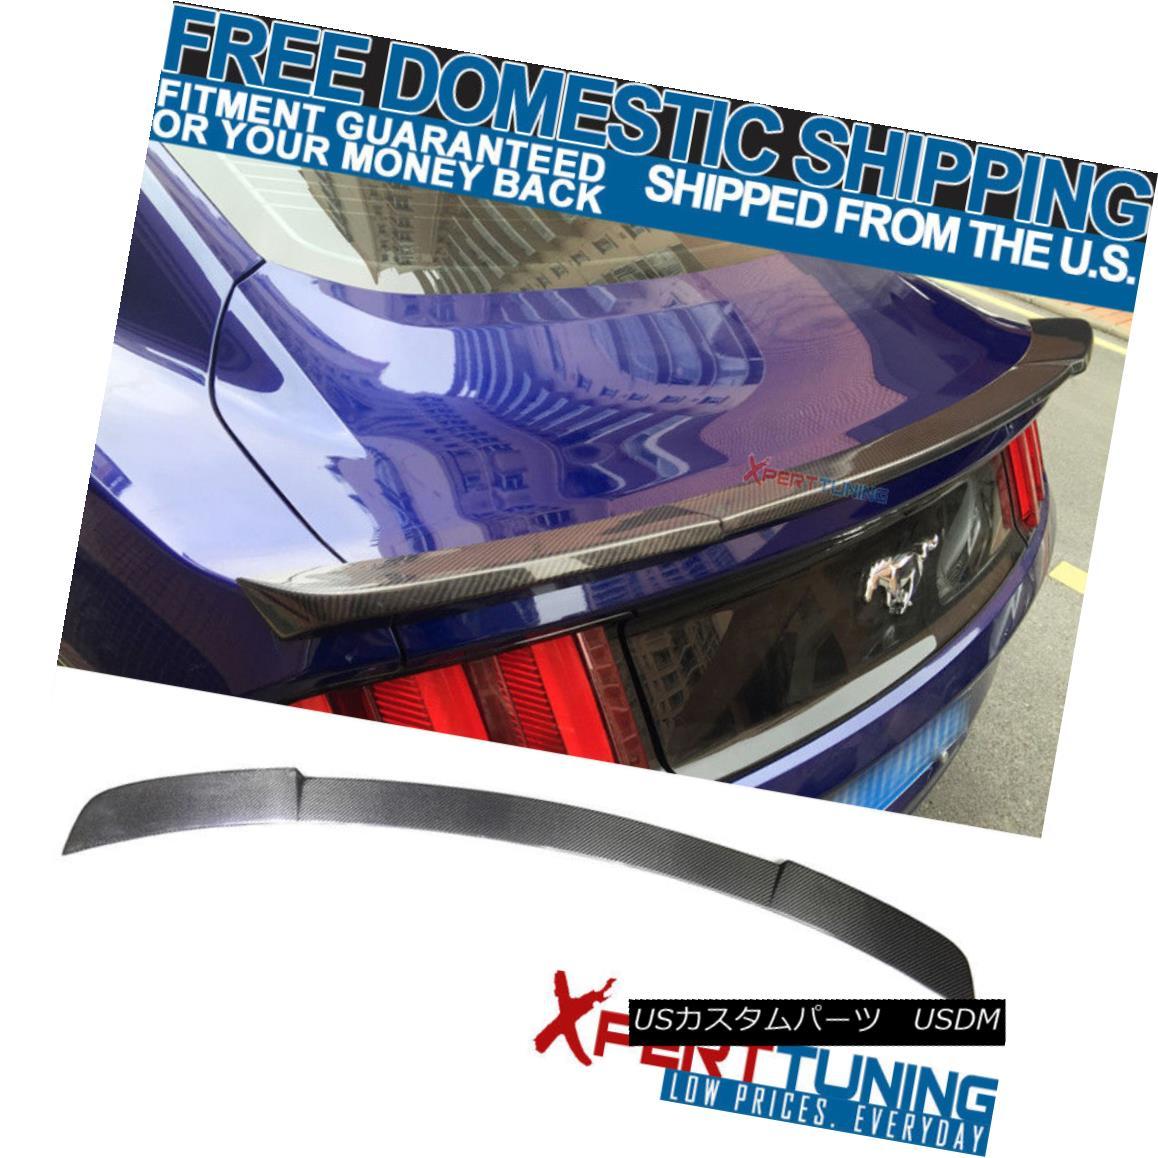 エアロパーツ 15-18 Ford Mustang IK Style Trunk Spoiler - Carbon Fiber 15-18フォードマスタングIKスタイルトランクスポイラー - カーボンファイバー